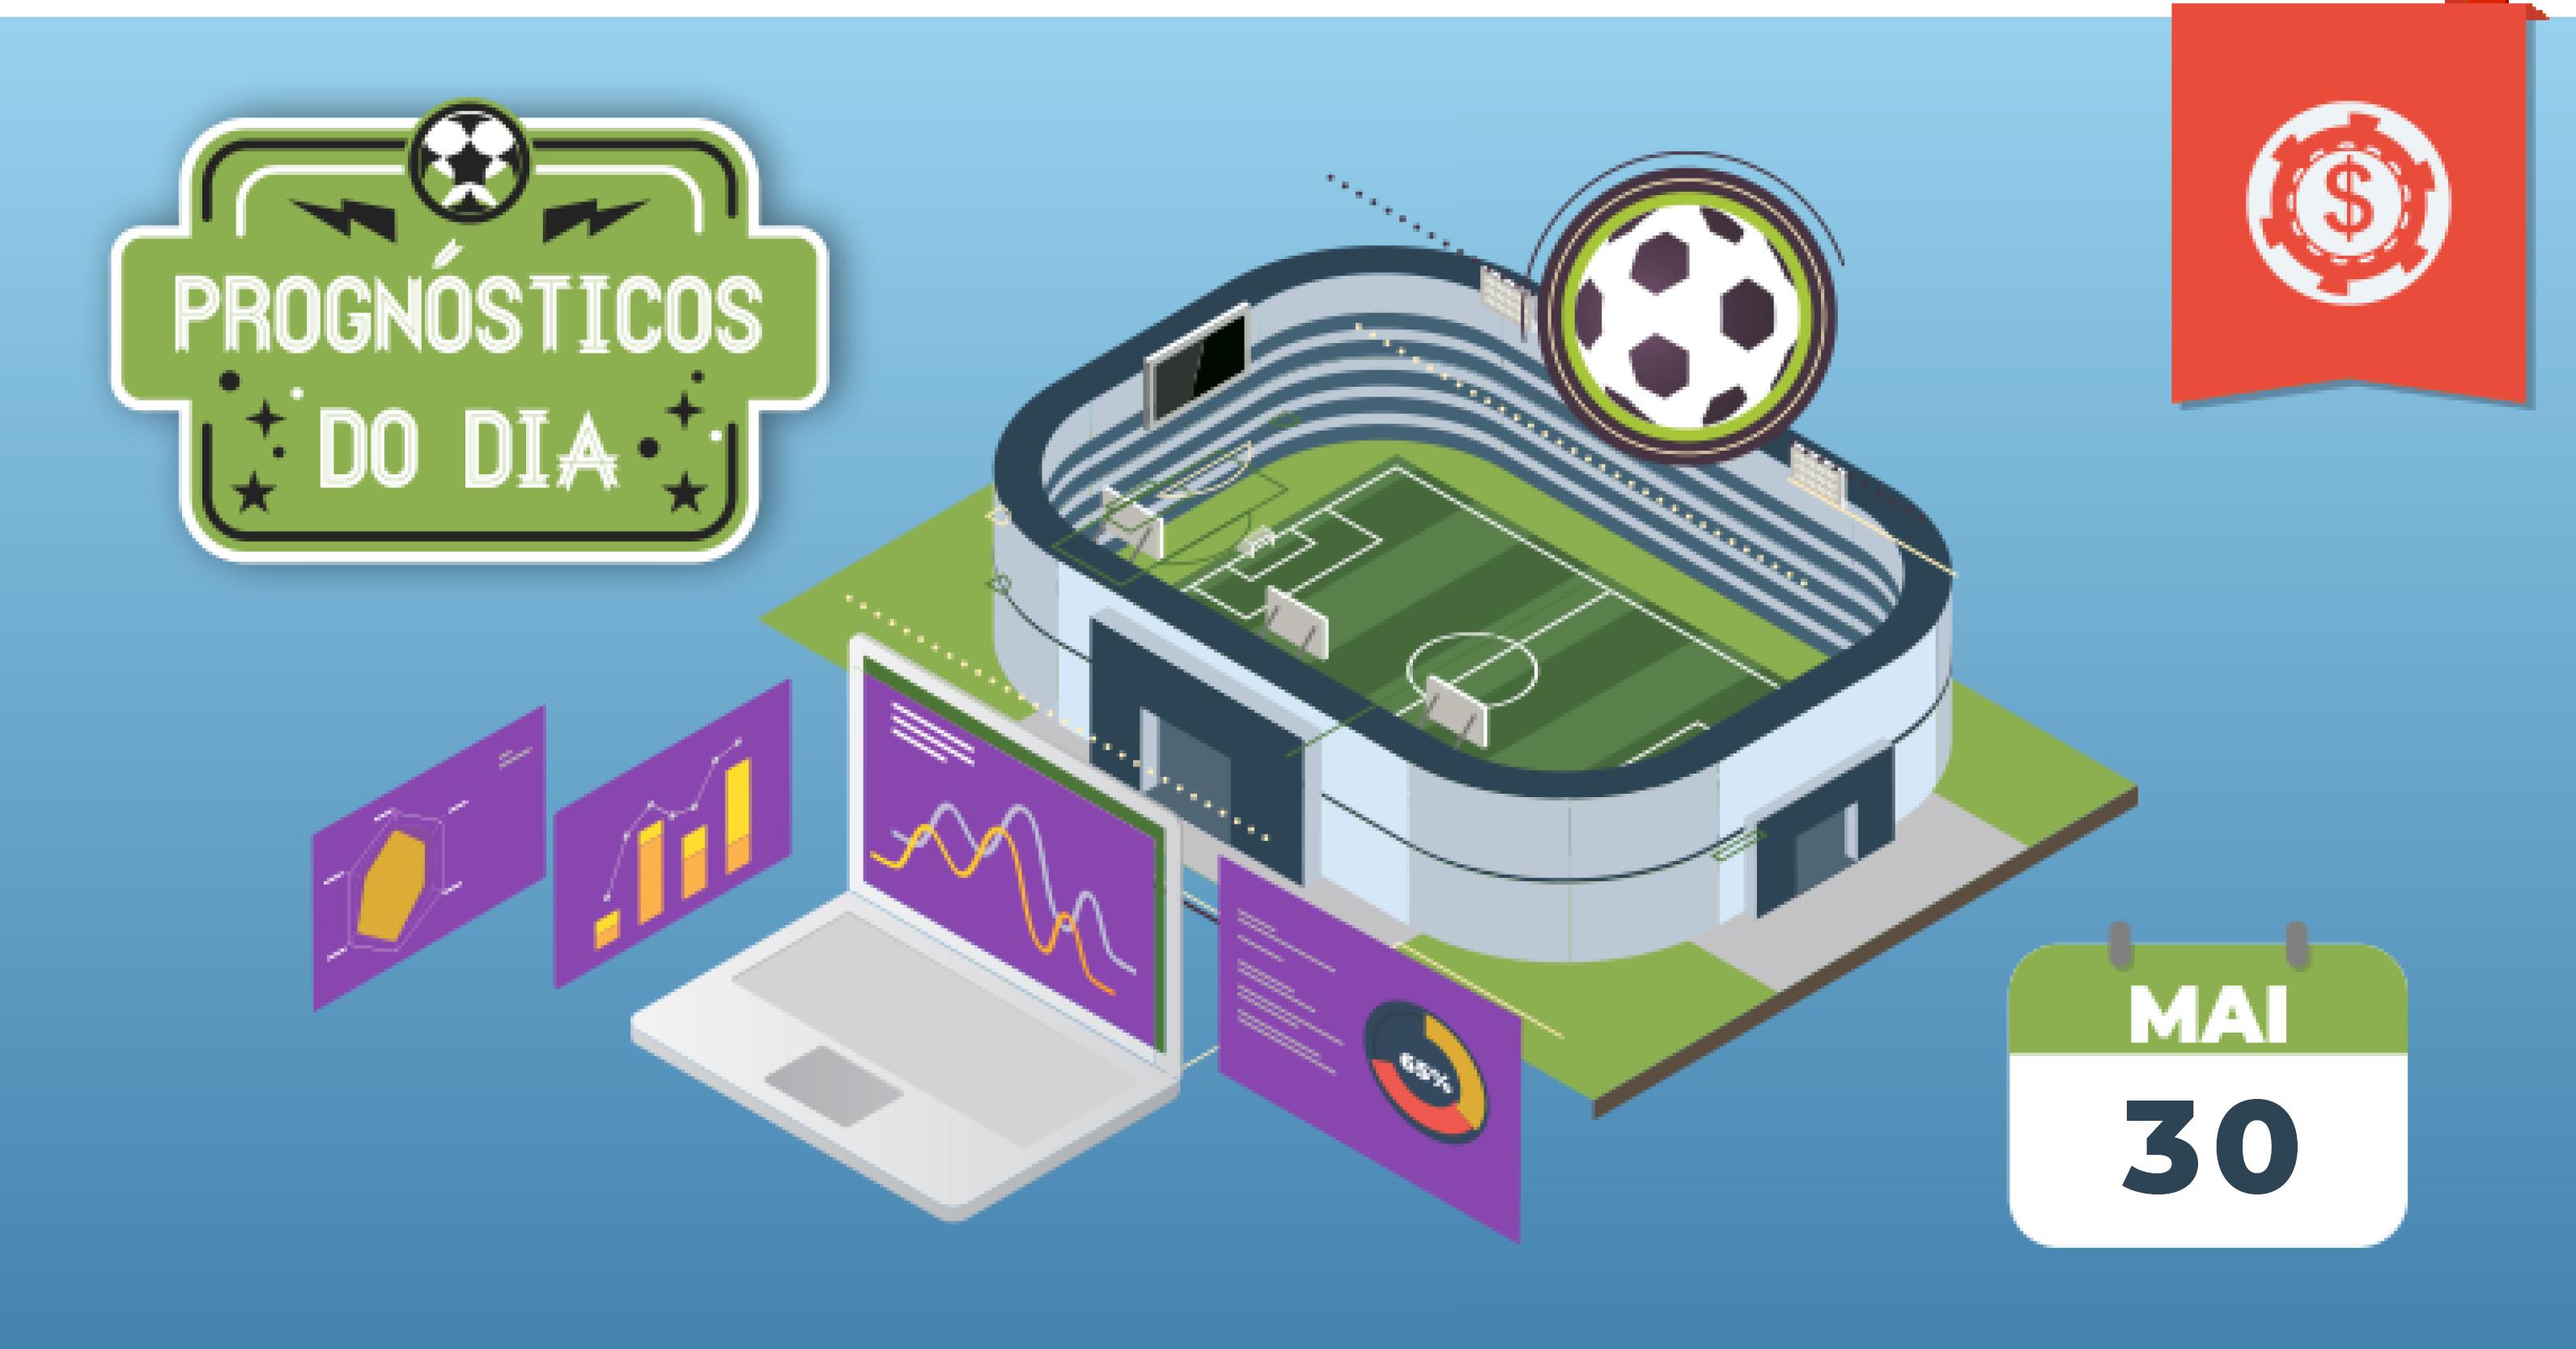 palpites-futebol-hoje-prognosticos-30-maio-2020